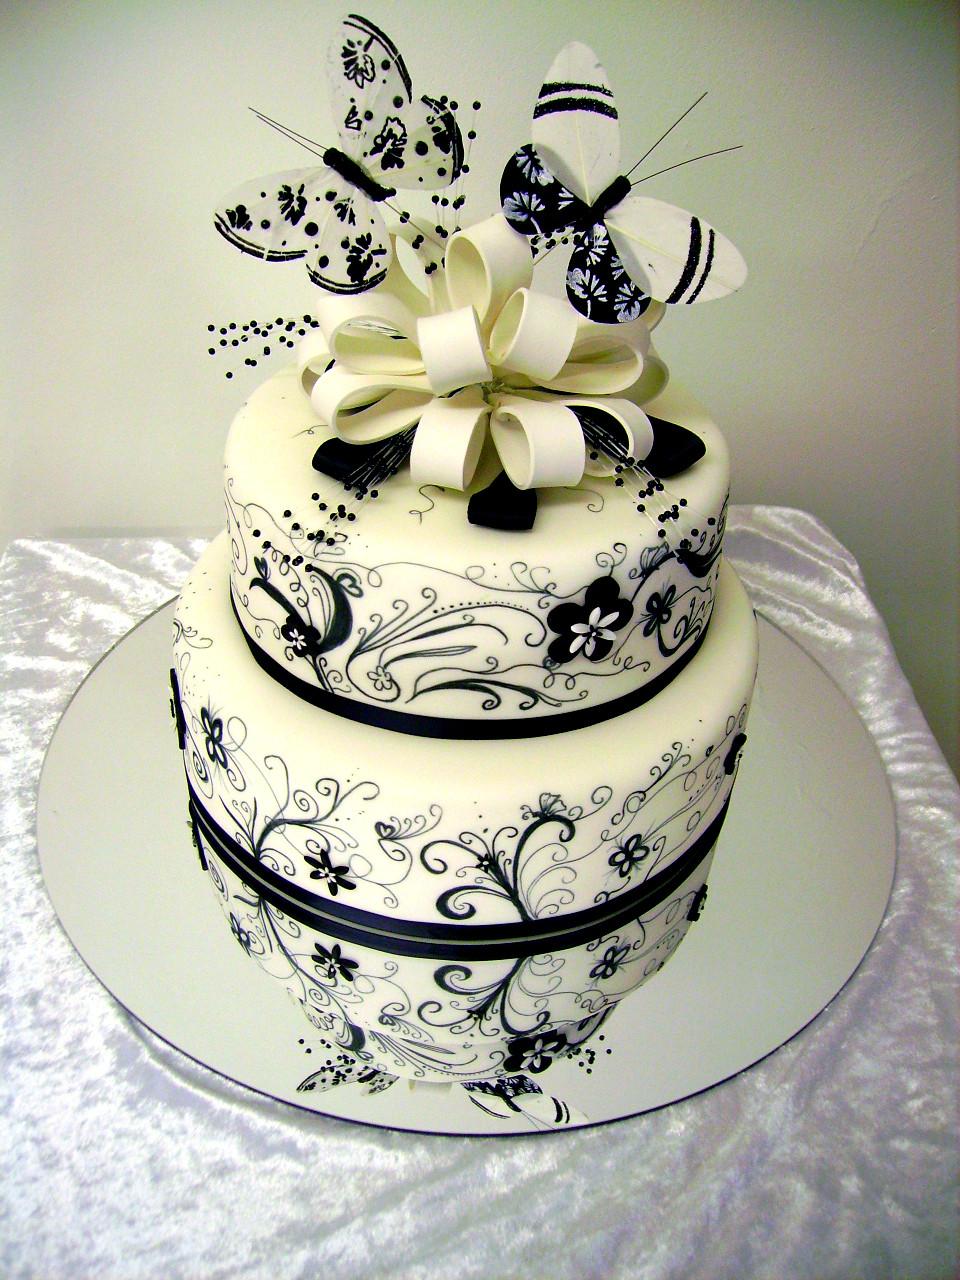 Wedding Cakes Decorations  Wedding Cake Decor Wedding and Bridal Inspiration